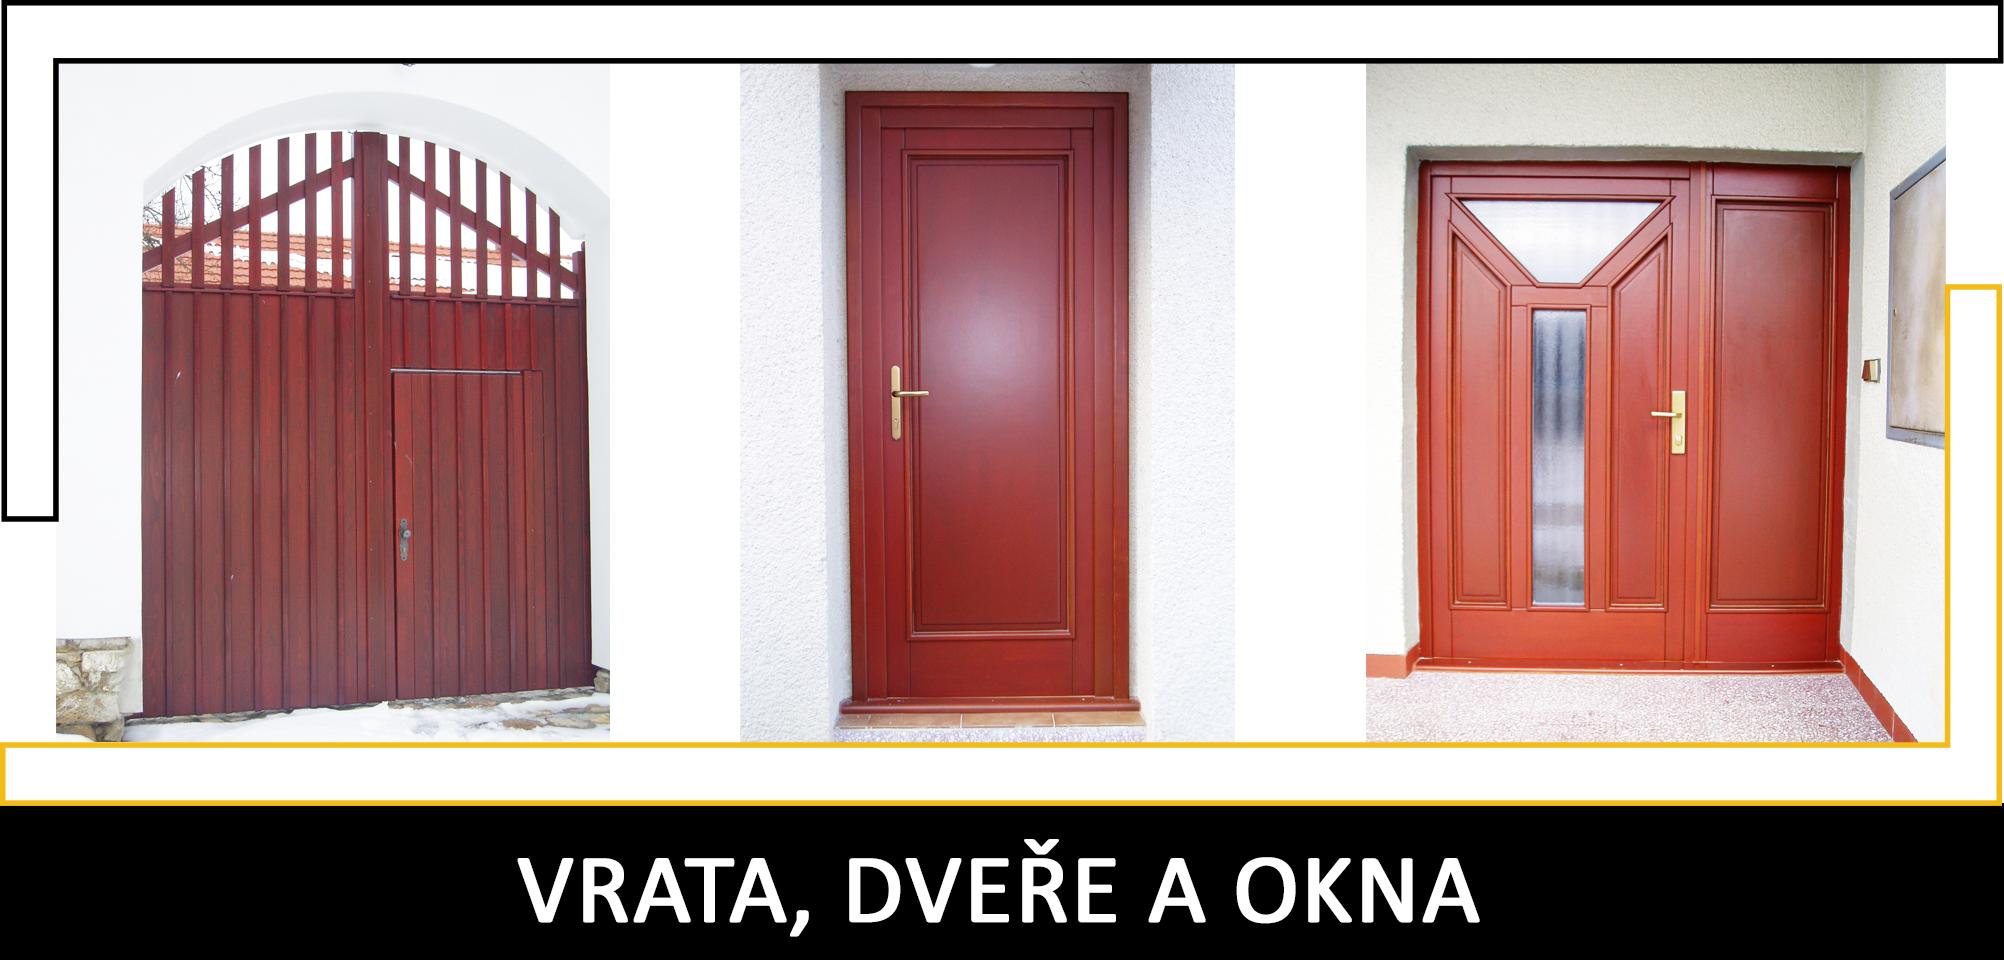 Vrata, dveře a okna Truhlářství Petráš